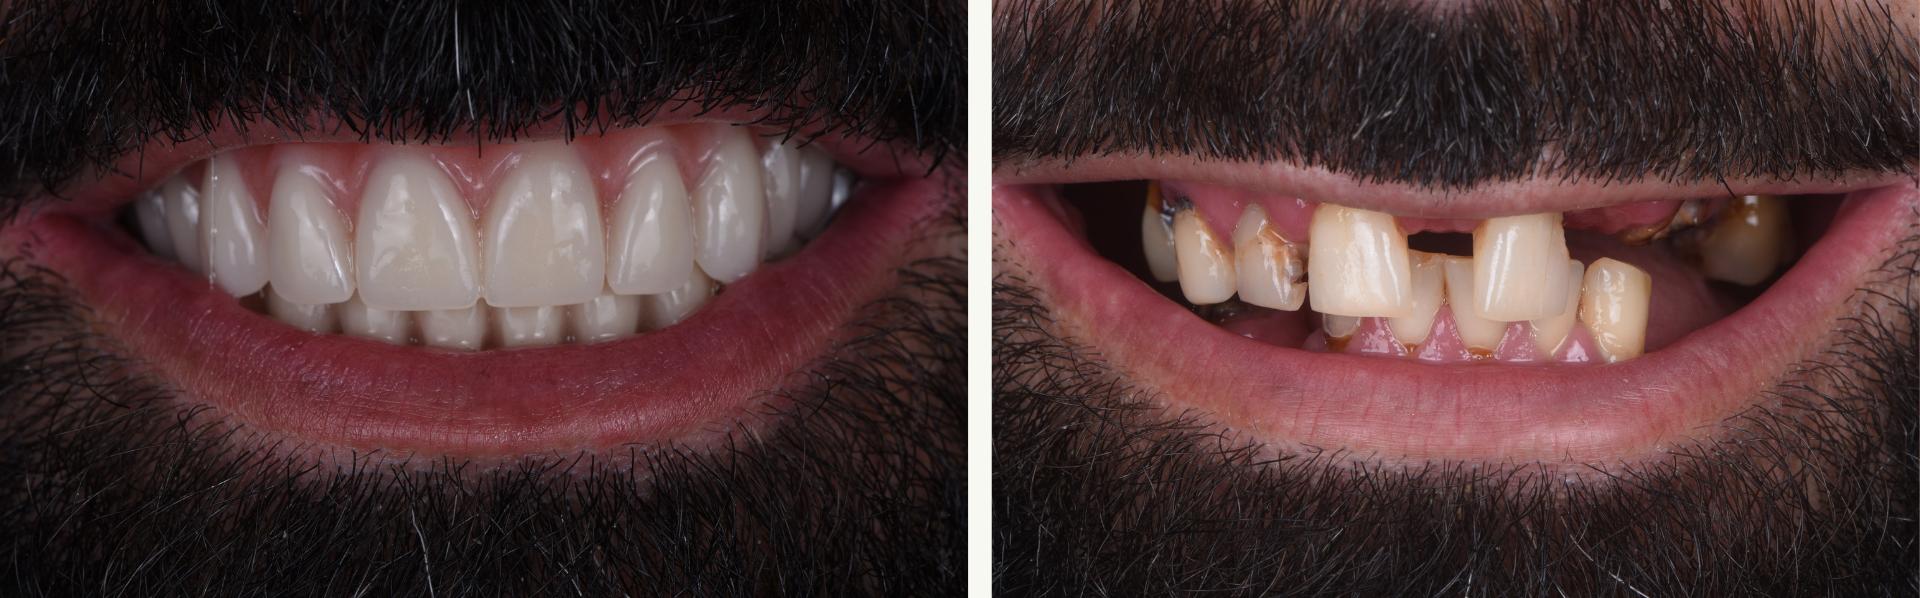 full mouth dentures